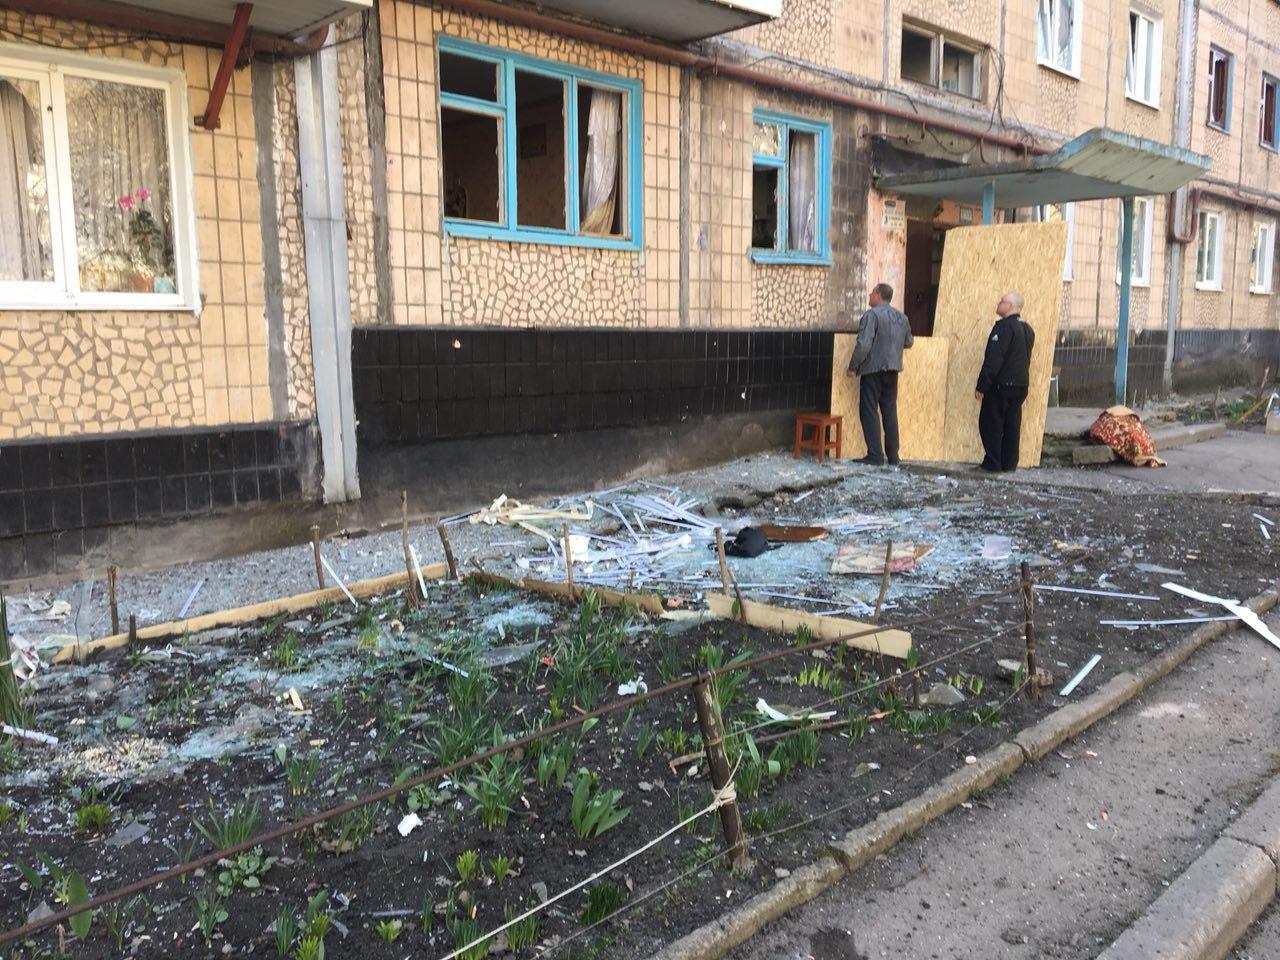 Сводка о событиях в ДНР и ЛНР за неделю 07.04.18 - 13.04.18